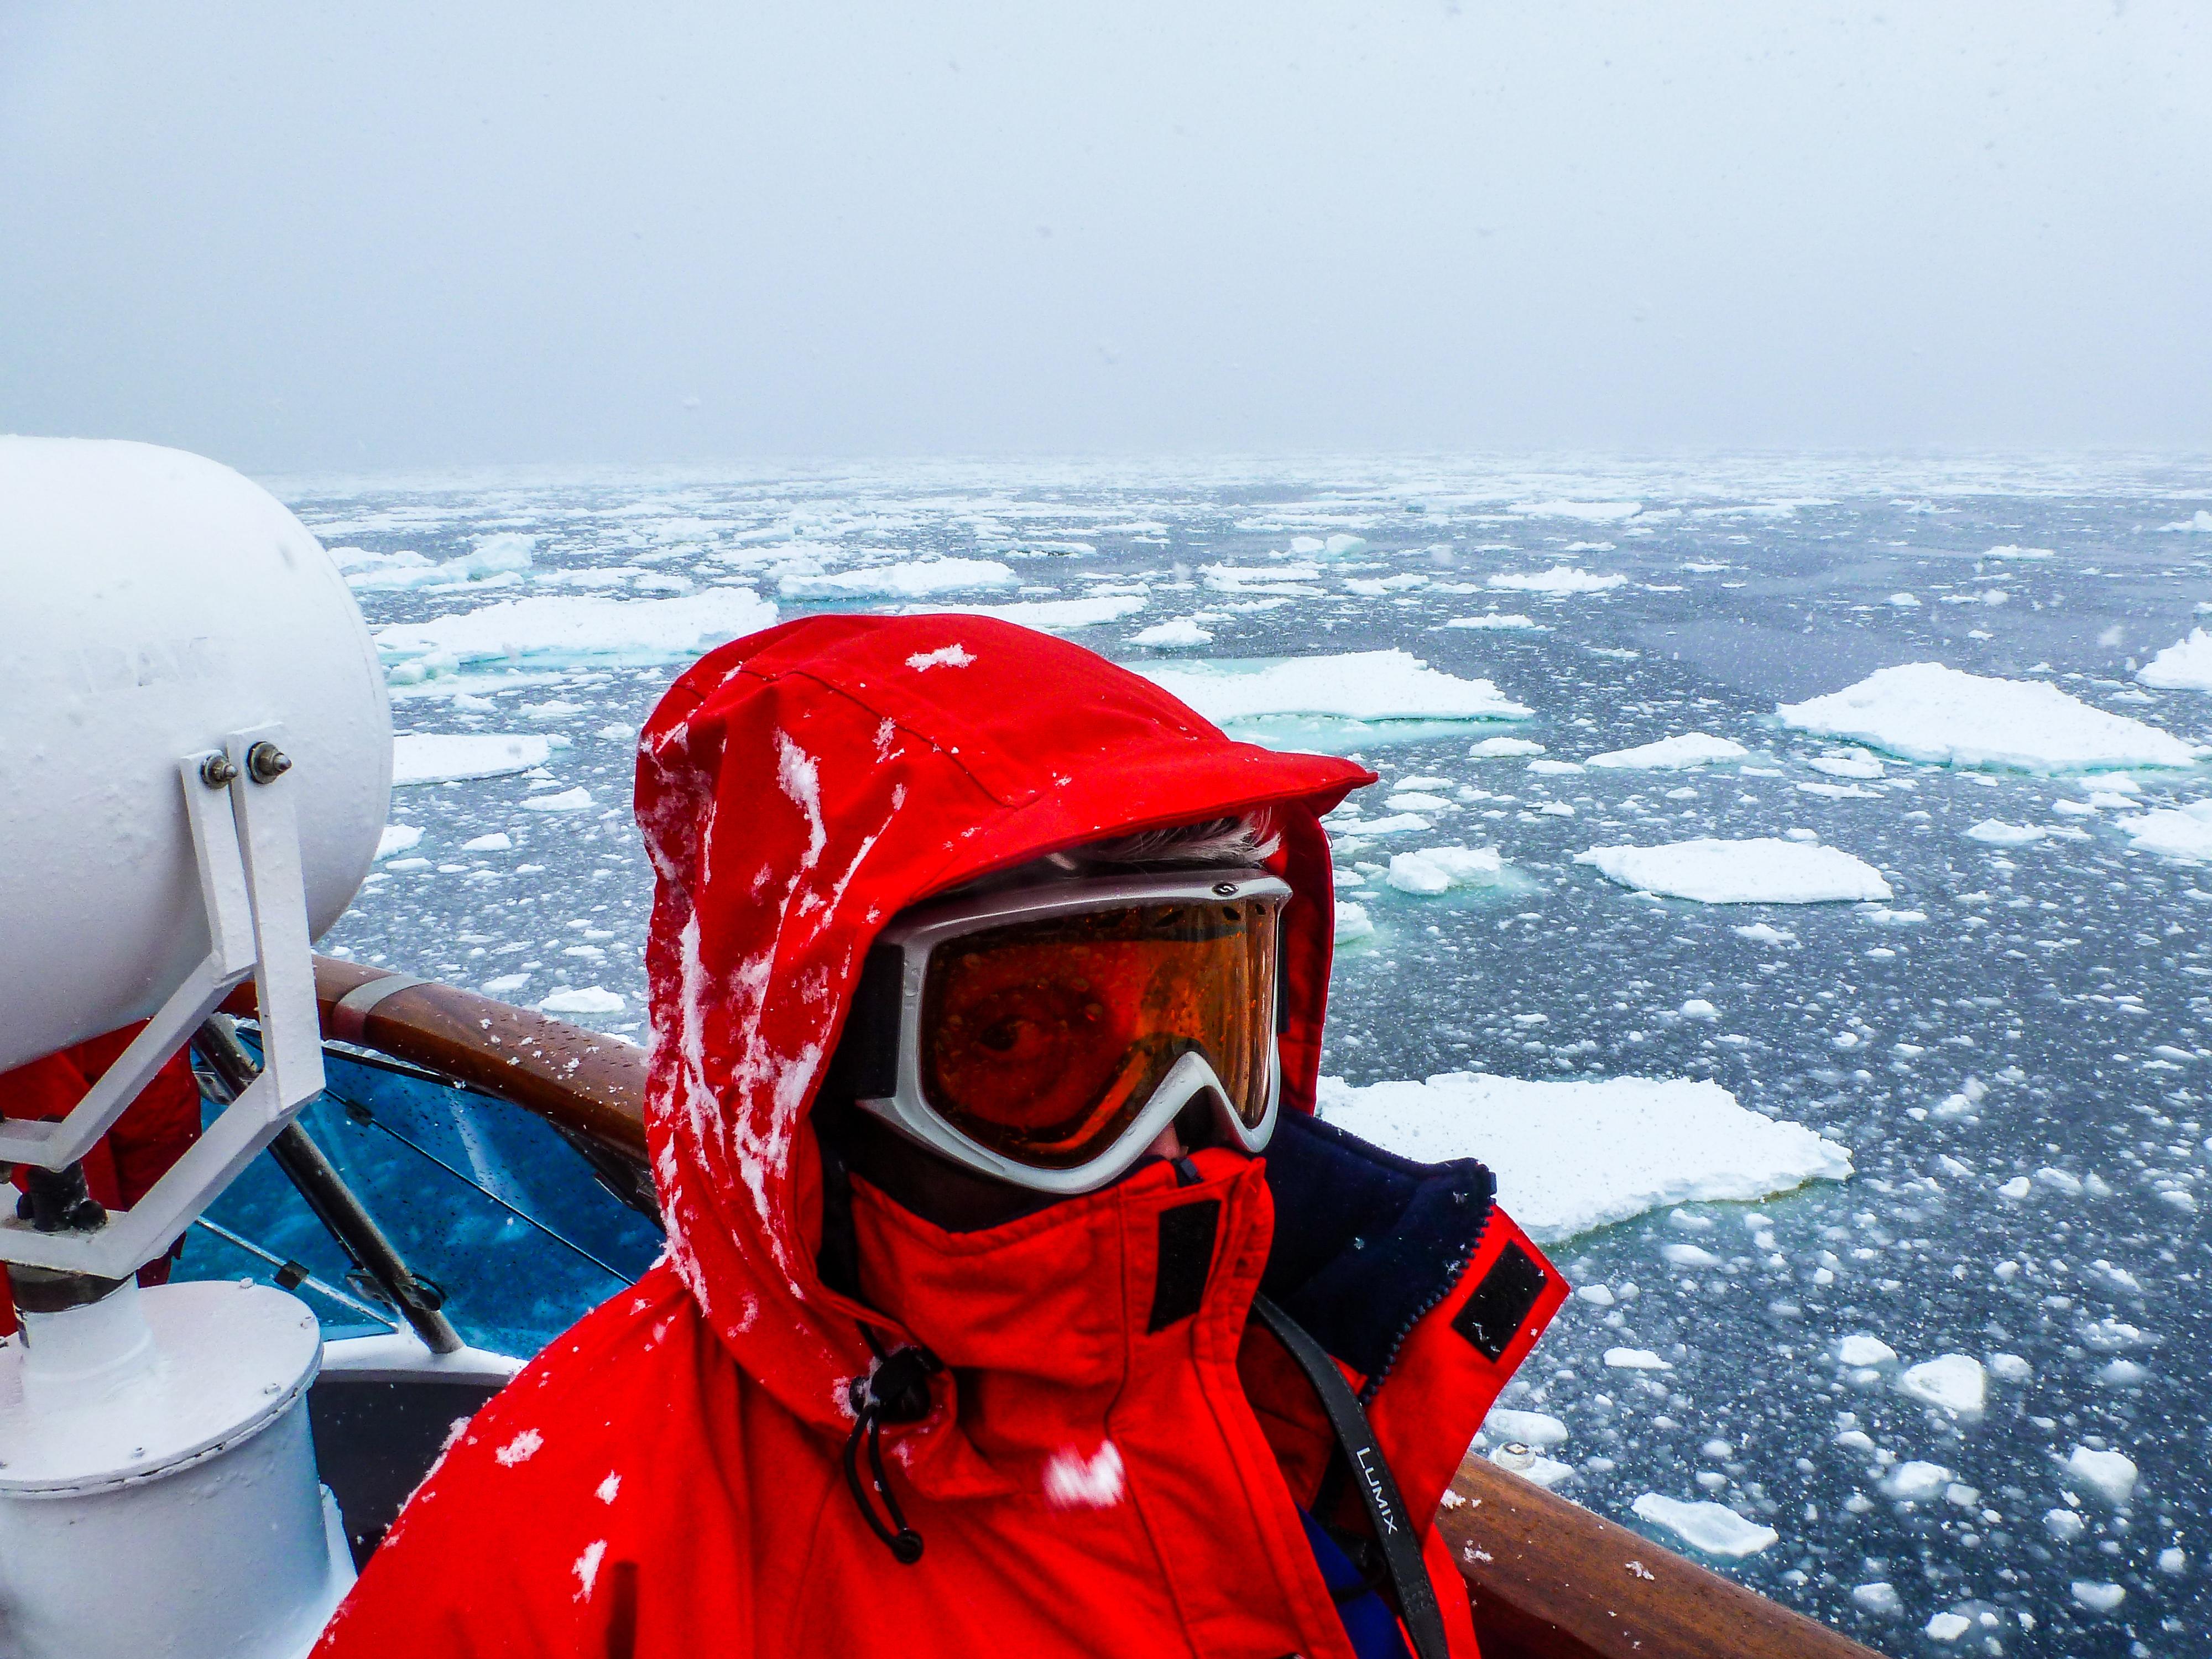 La Bahía de la Commonwealth en la Antártida es oficialmente el lugar más ventoso de la tierra, según el Libro Guinness de los Récords y el Atlas Geográfico Nacional. Durante los meses de invierno, los vientos helados se registran a más de 241.4 kmph de forma regular, y la velocidad media anual del viento es de 80.5 kmph